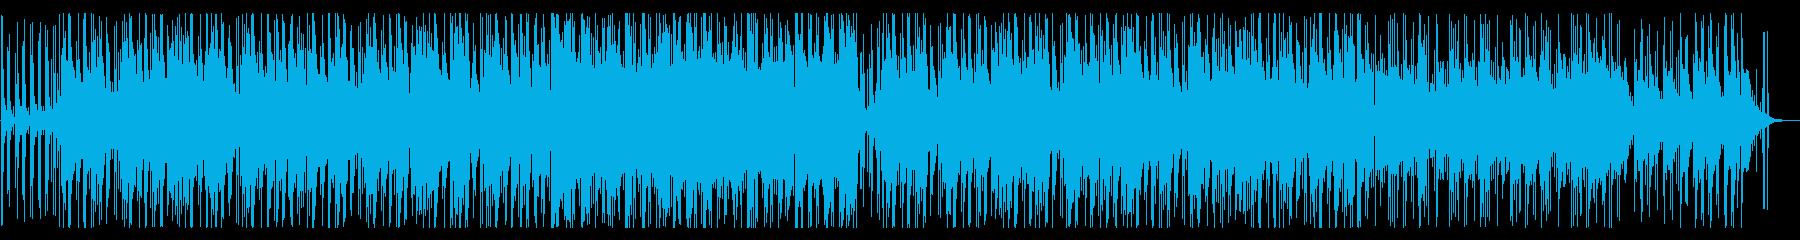 和テイストなリラックスサウンドの再生済みの波形